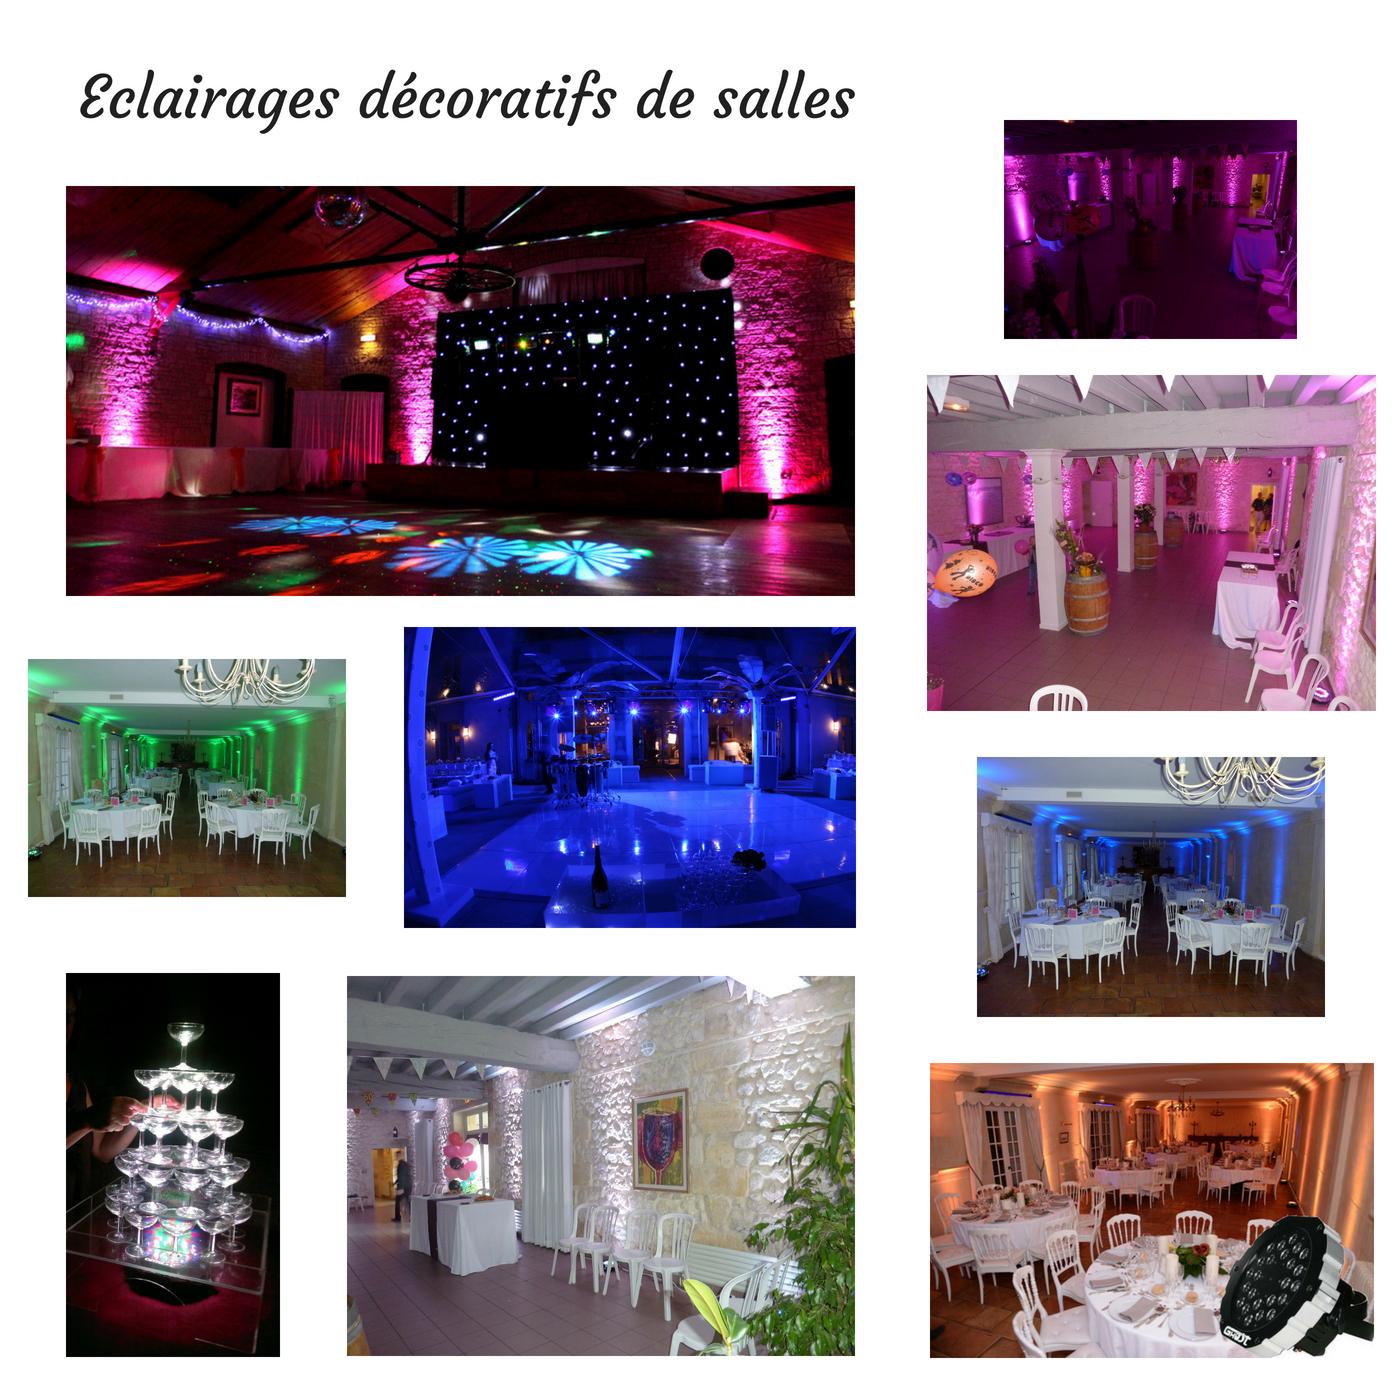 Eclairages décoratifs de salles